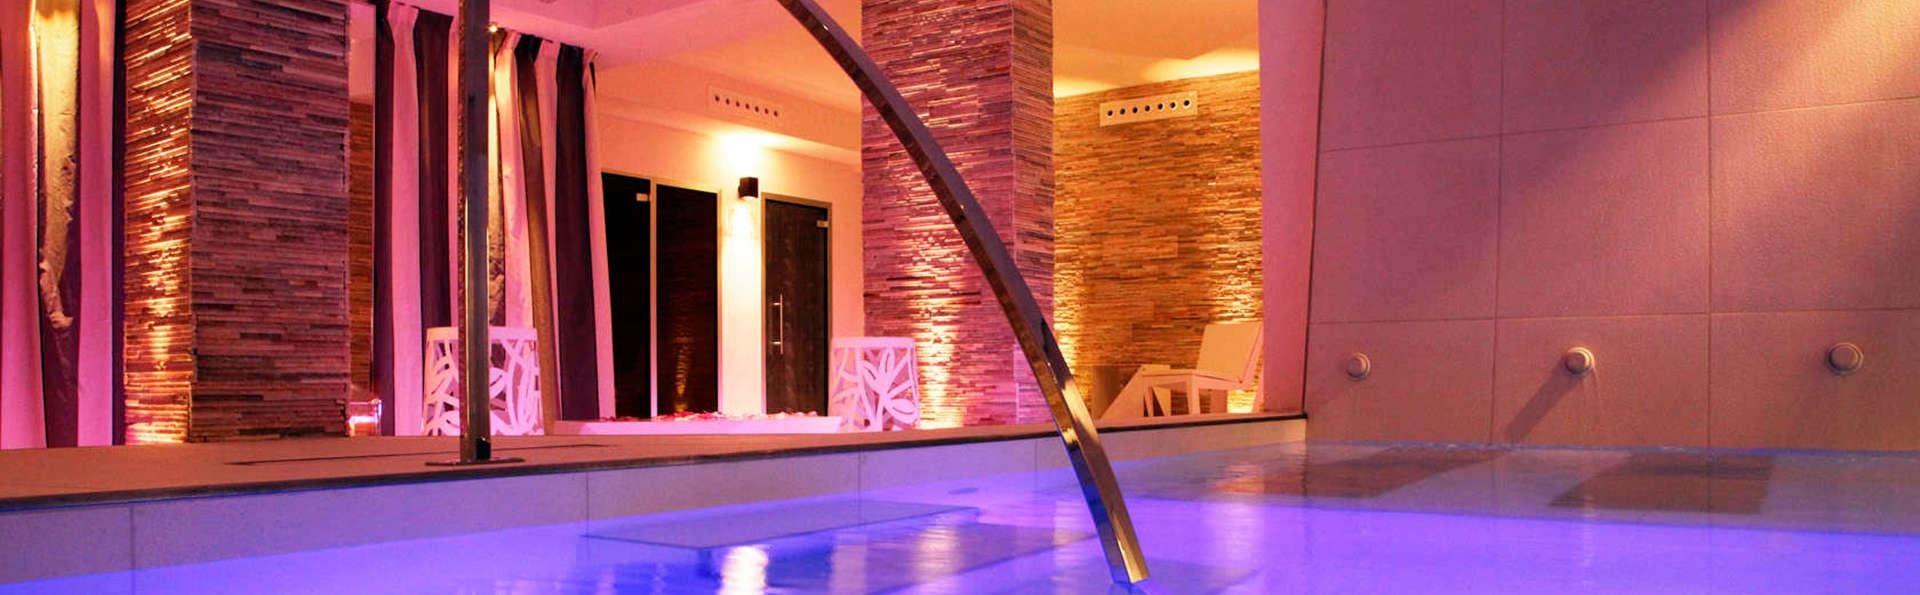 SPA Hotel Parigi 2 - EDIT_spa5.jpg